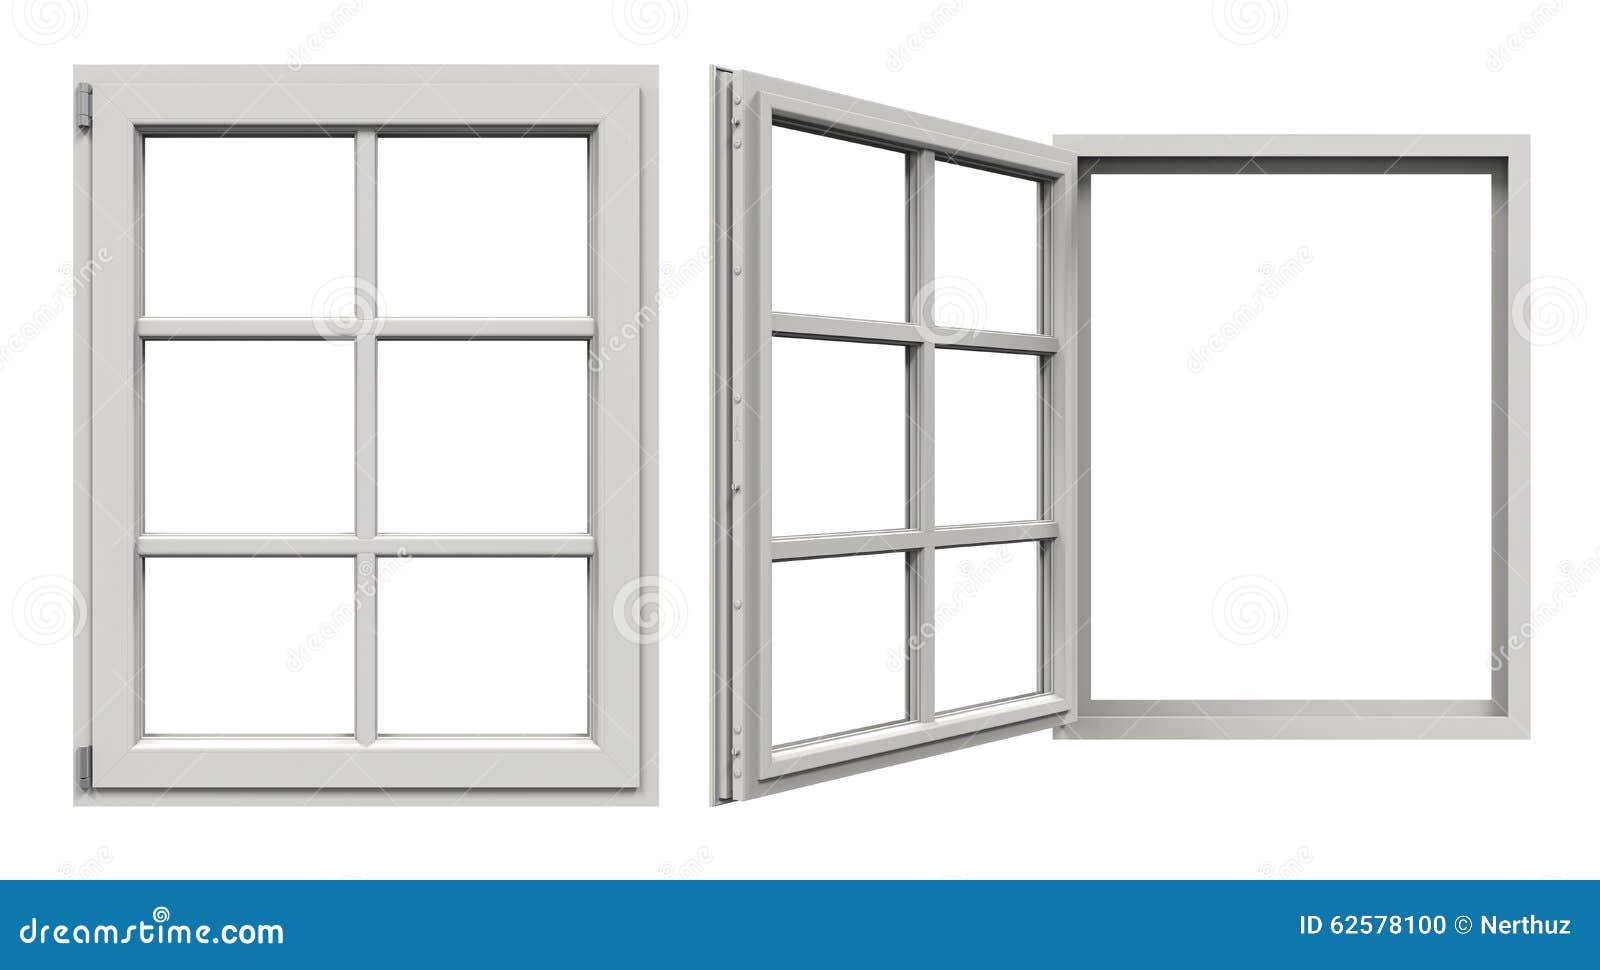 Finestra aperta e chiusa illustrazione di stock for Disegno di finestra aperta